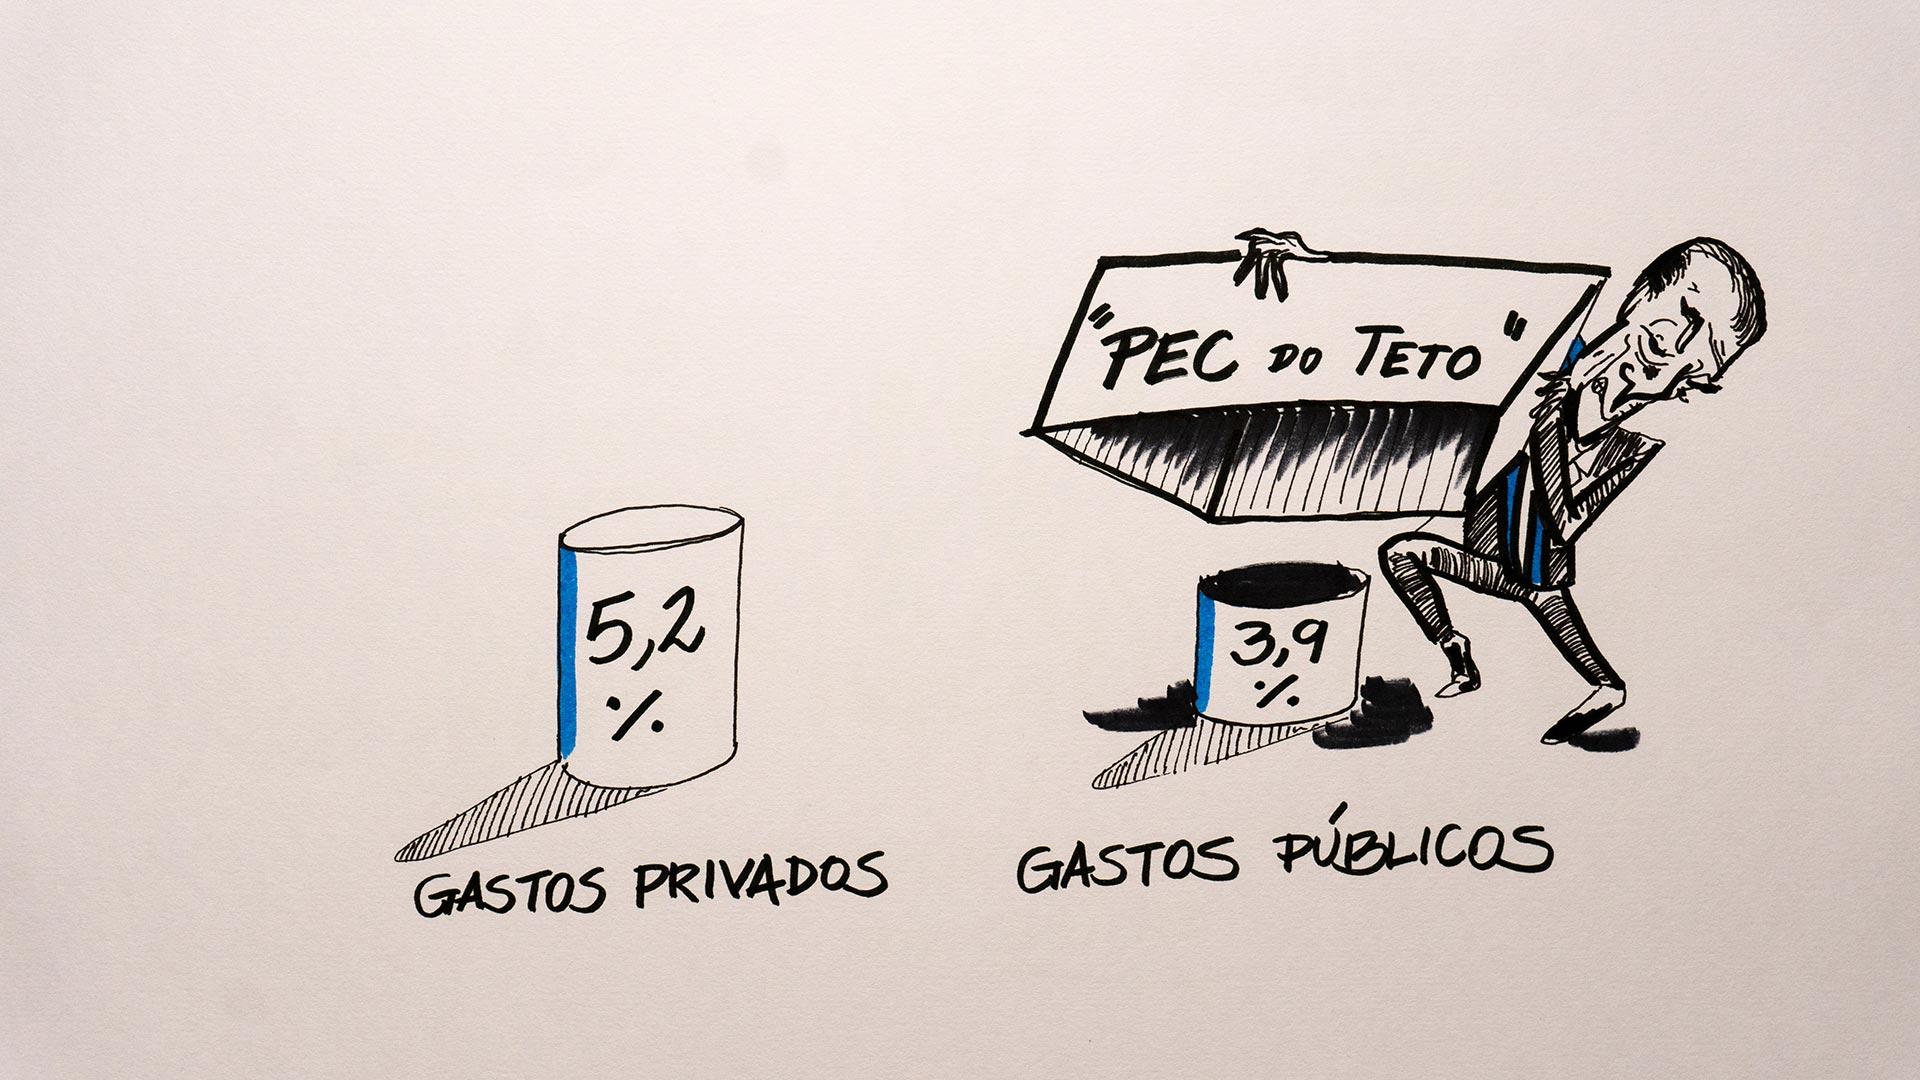 Caetano Patta/Agência Pública